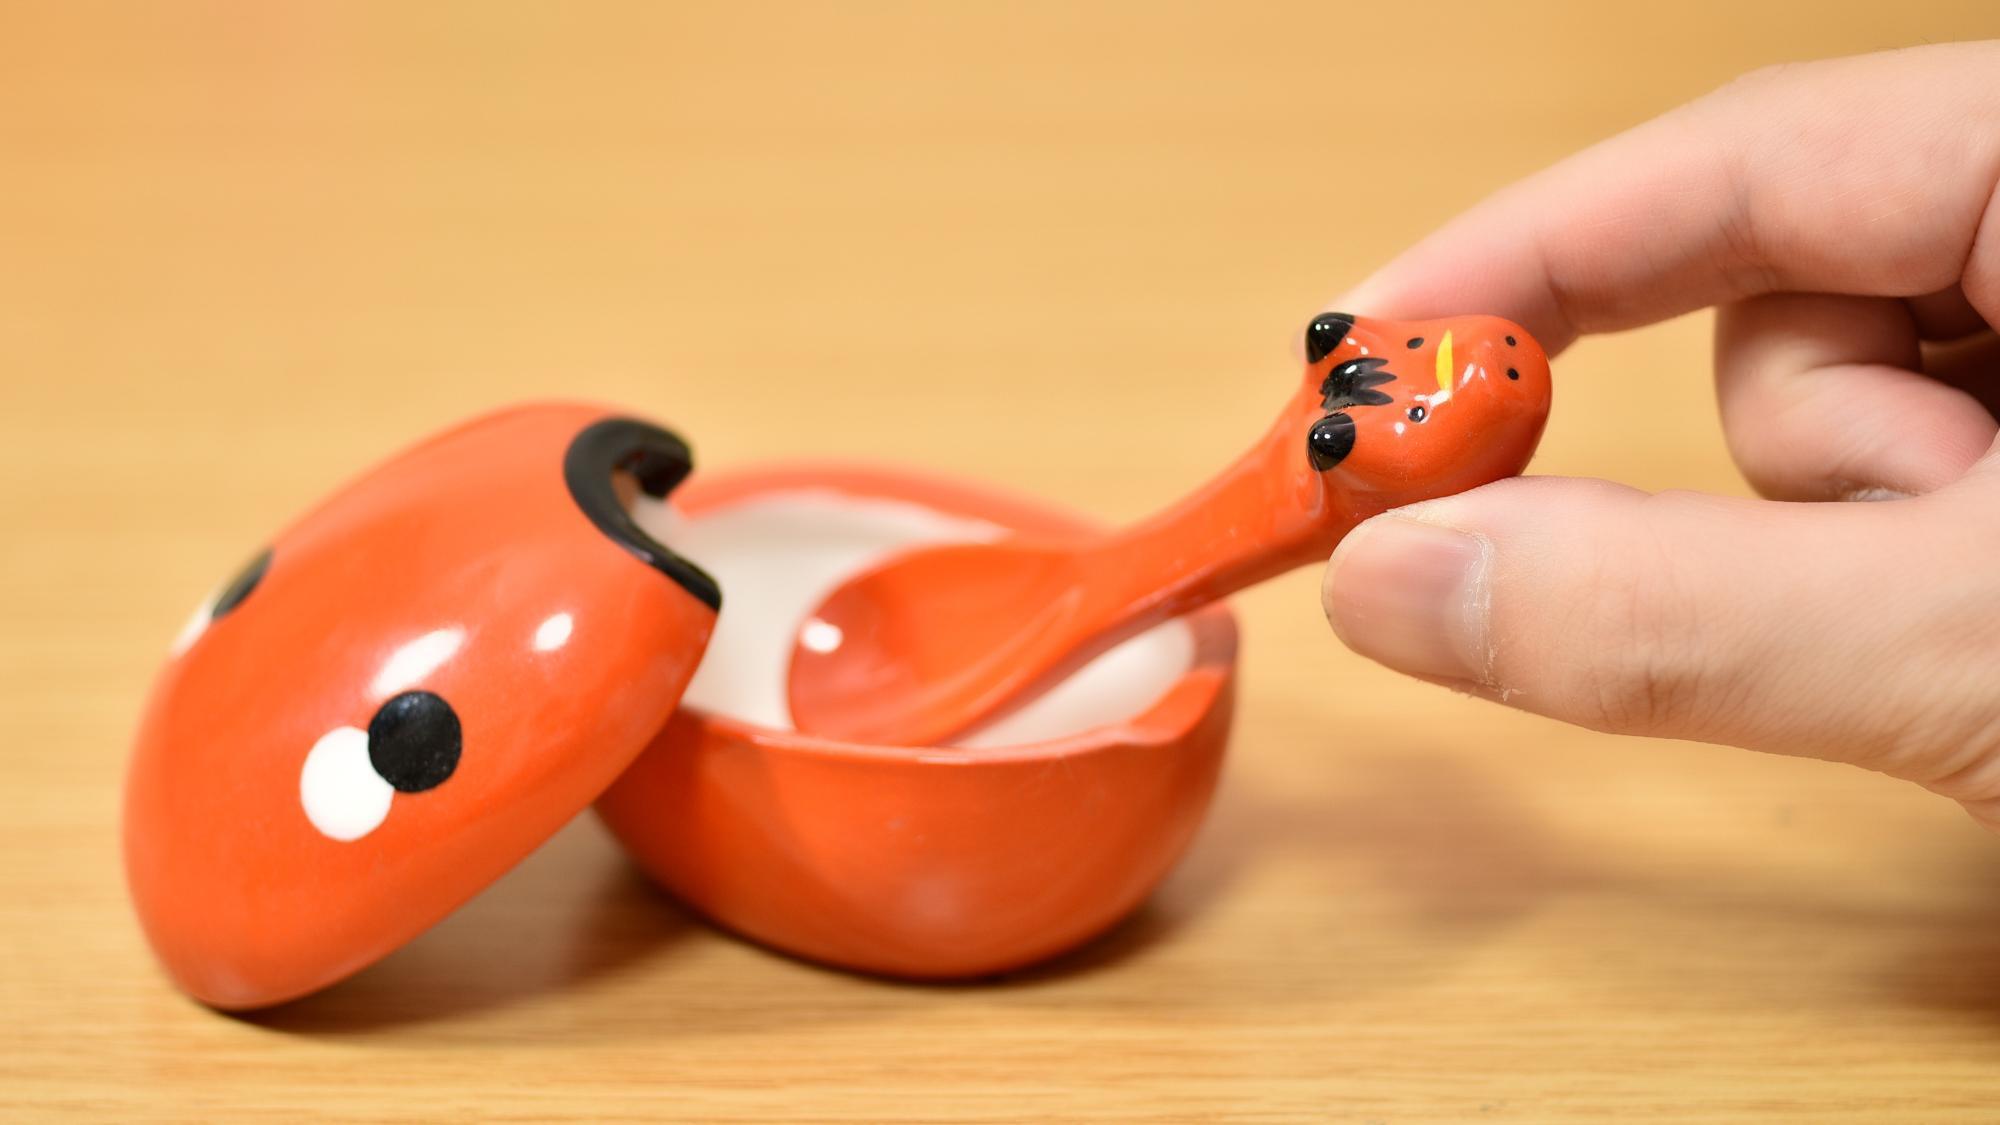 最後に、関係ないですがお気に入りの赤ベコグッツを・・・。赤ベコの調味料入れです。可愛いので使用せずに飾ってます(笑)